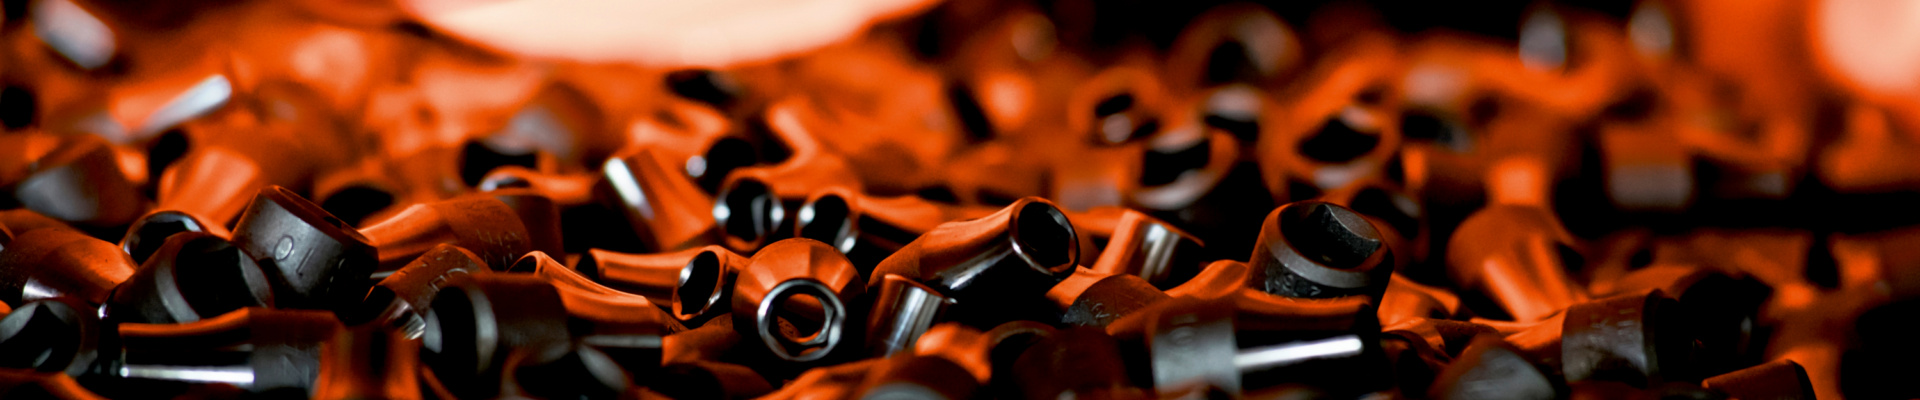 Multisteckschlüssel in Feuer